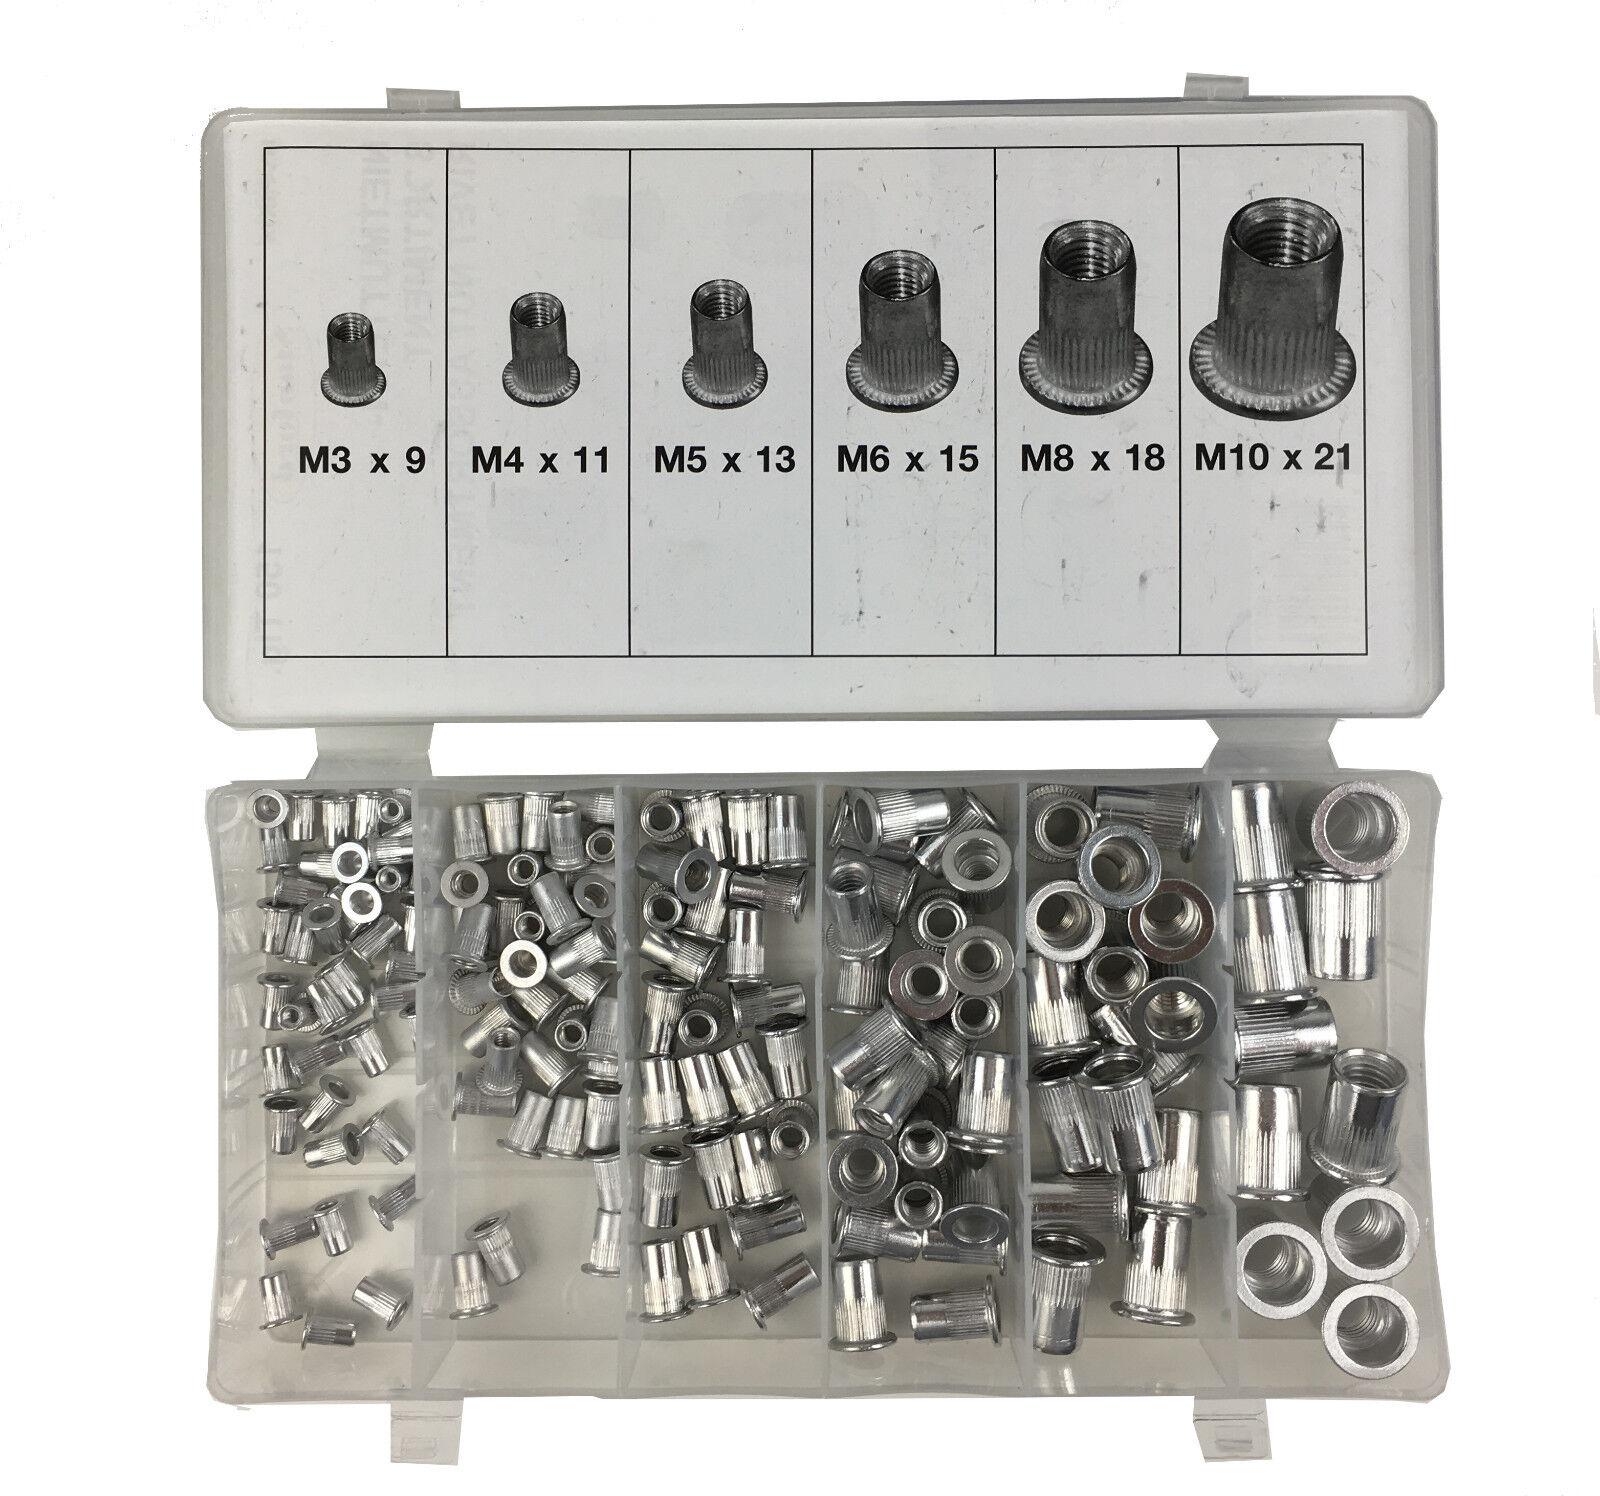 M8 Nietmutter Gewindeniete Nietmuttern 300 x Alu//Stahl Blindnietmutter M3